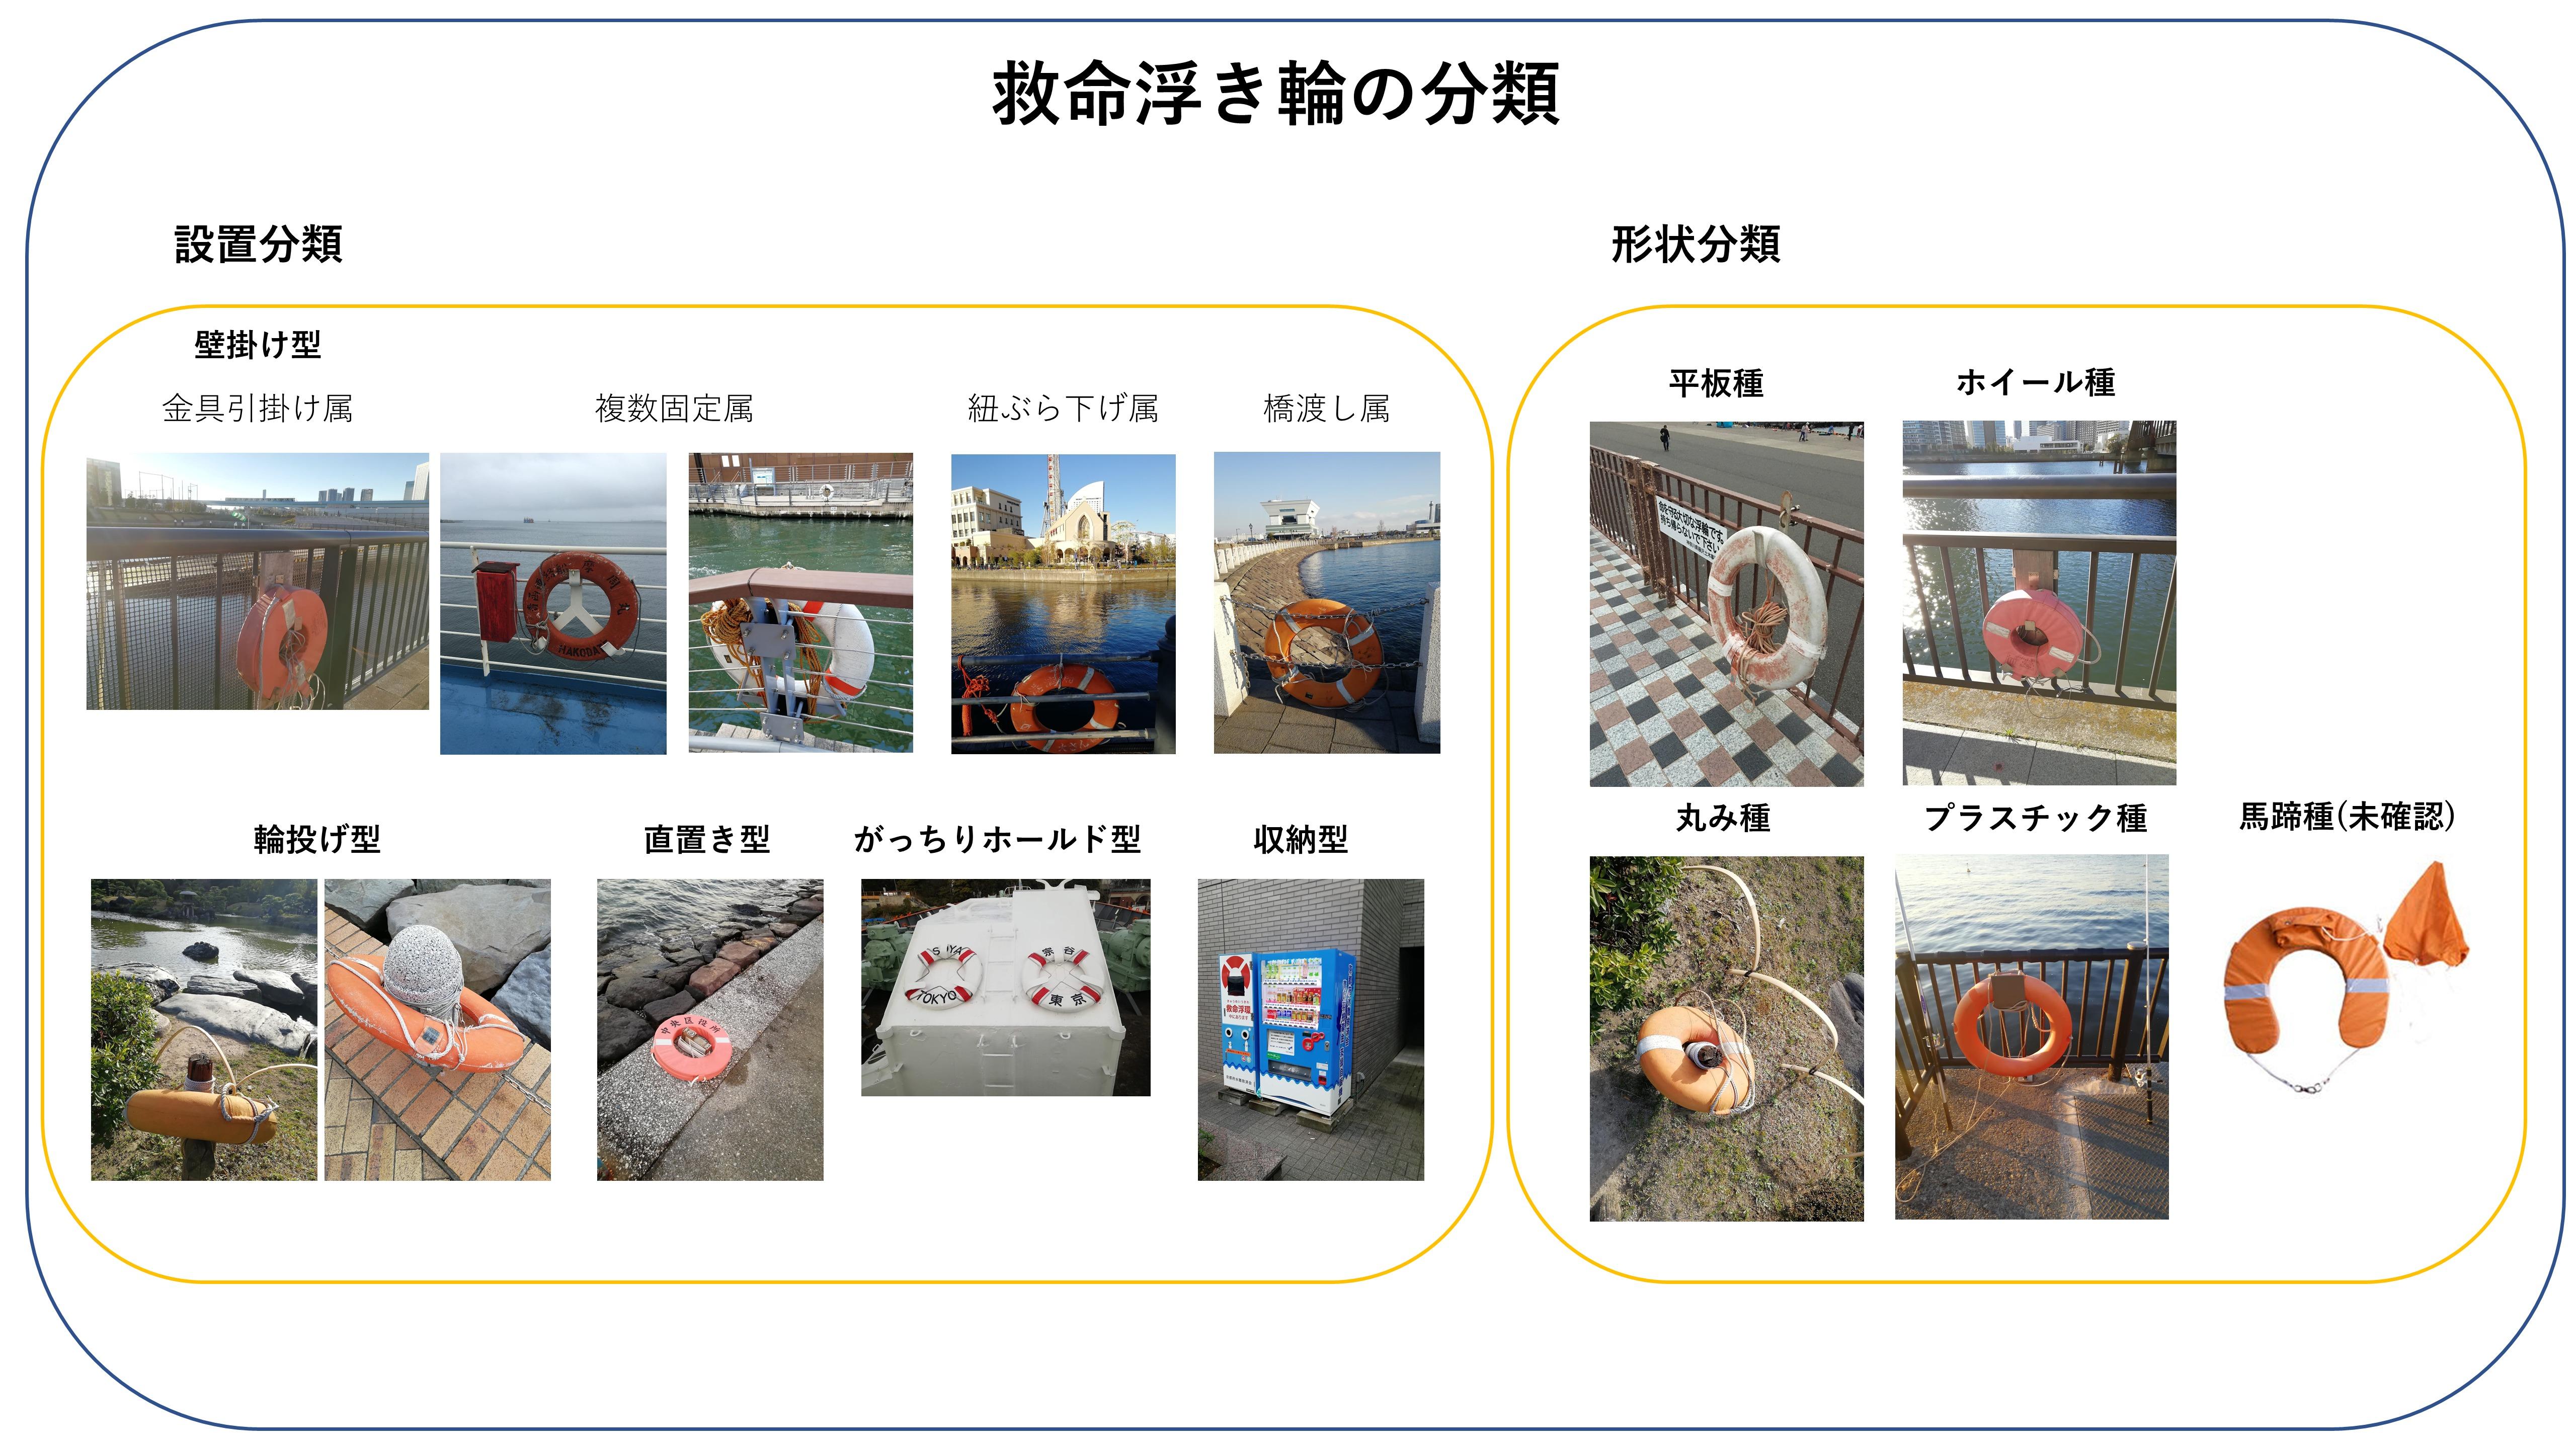 ▲救命浮き輪の分類